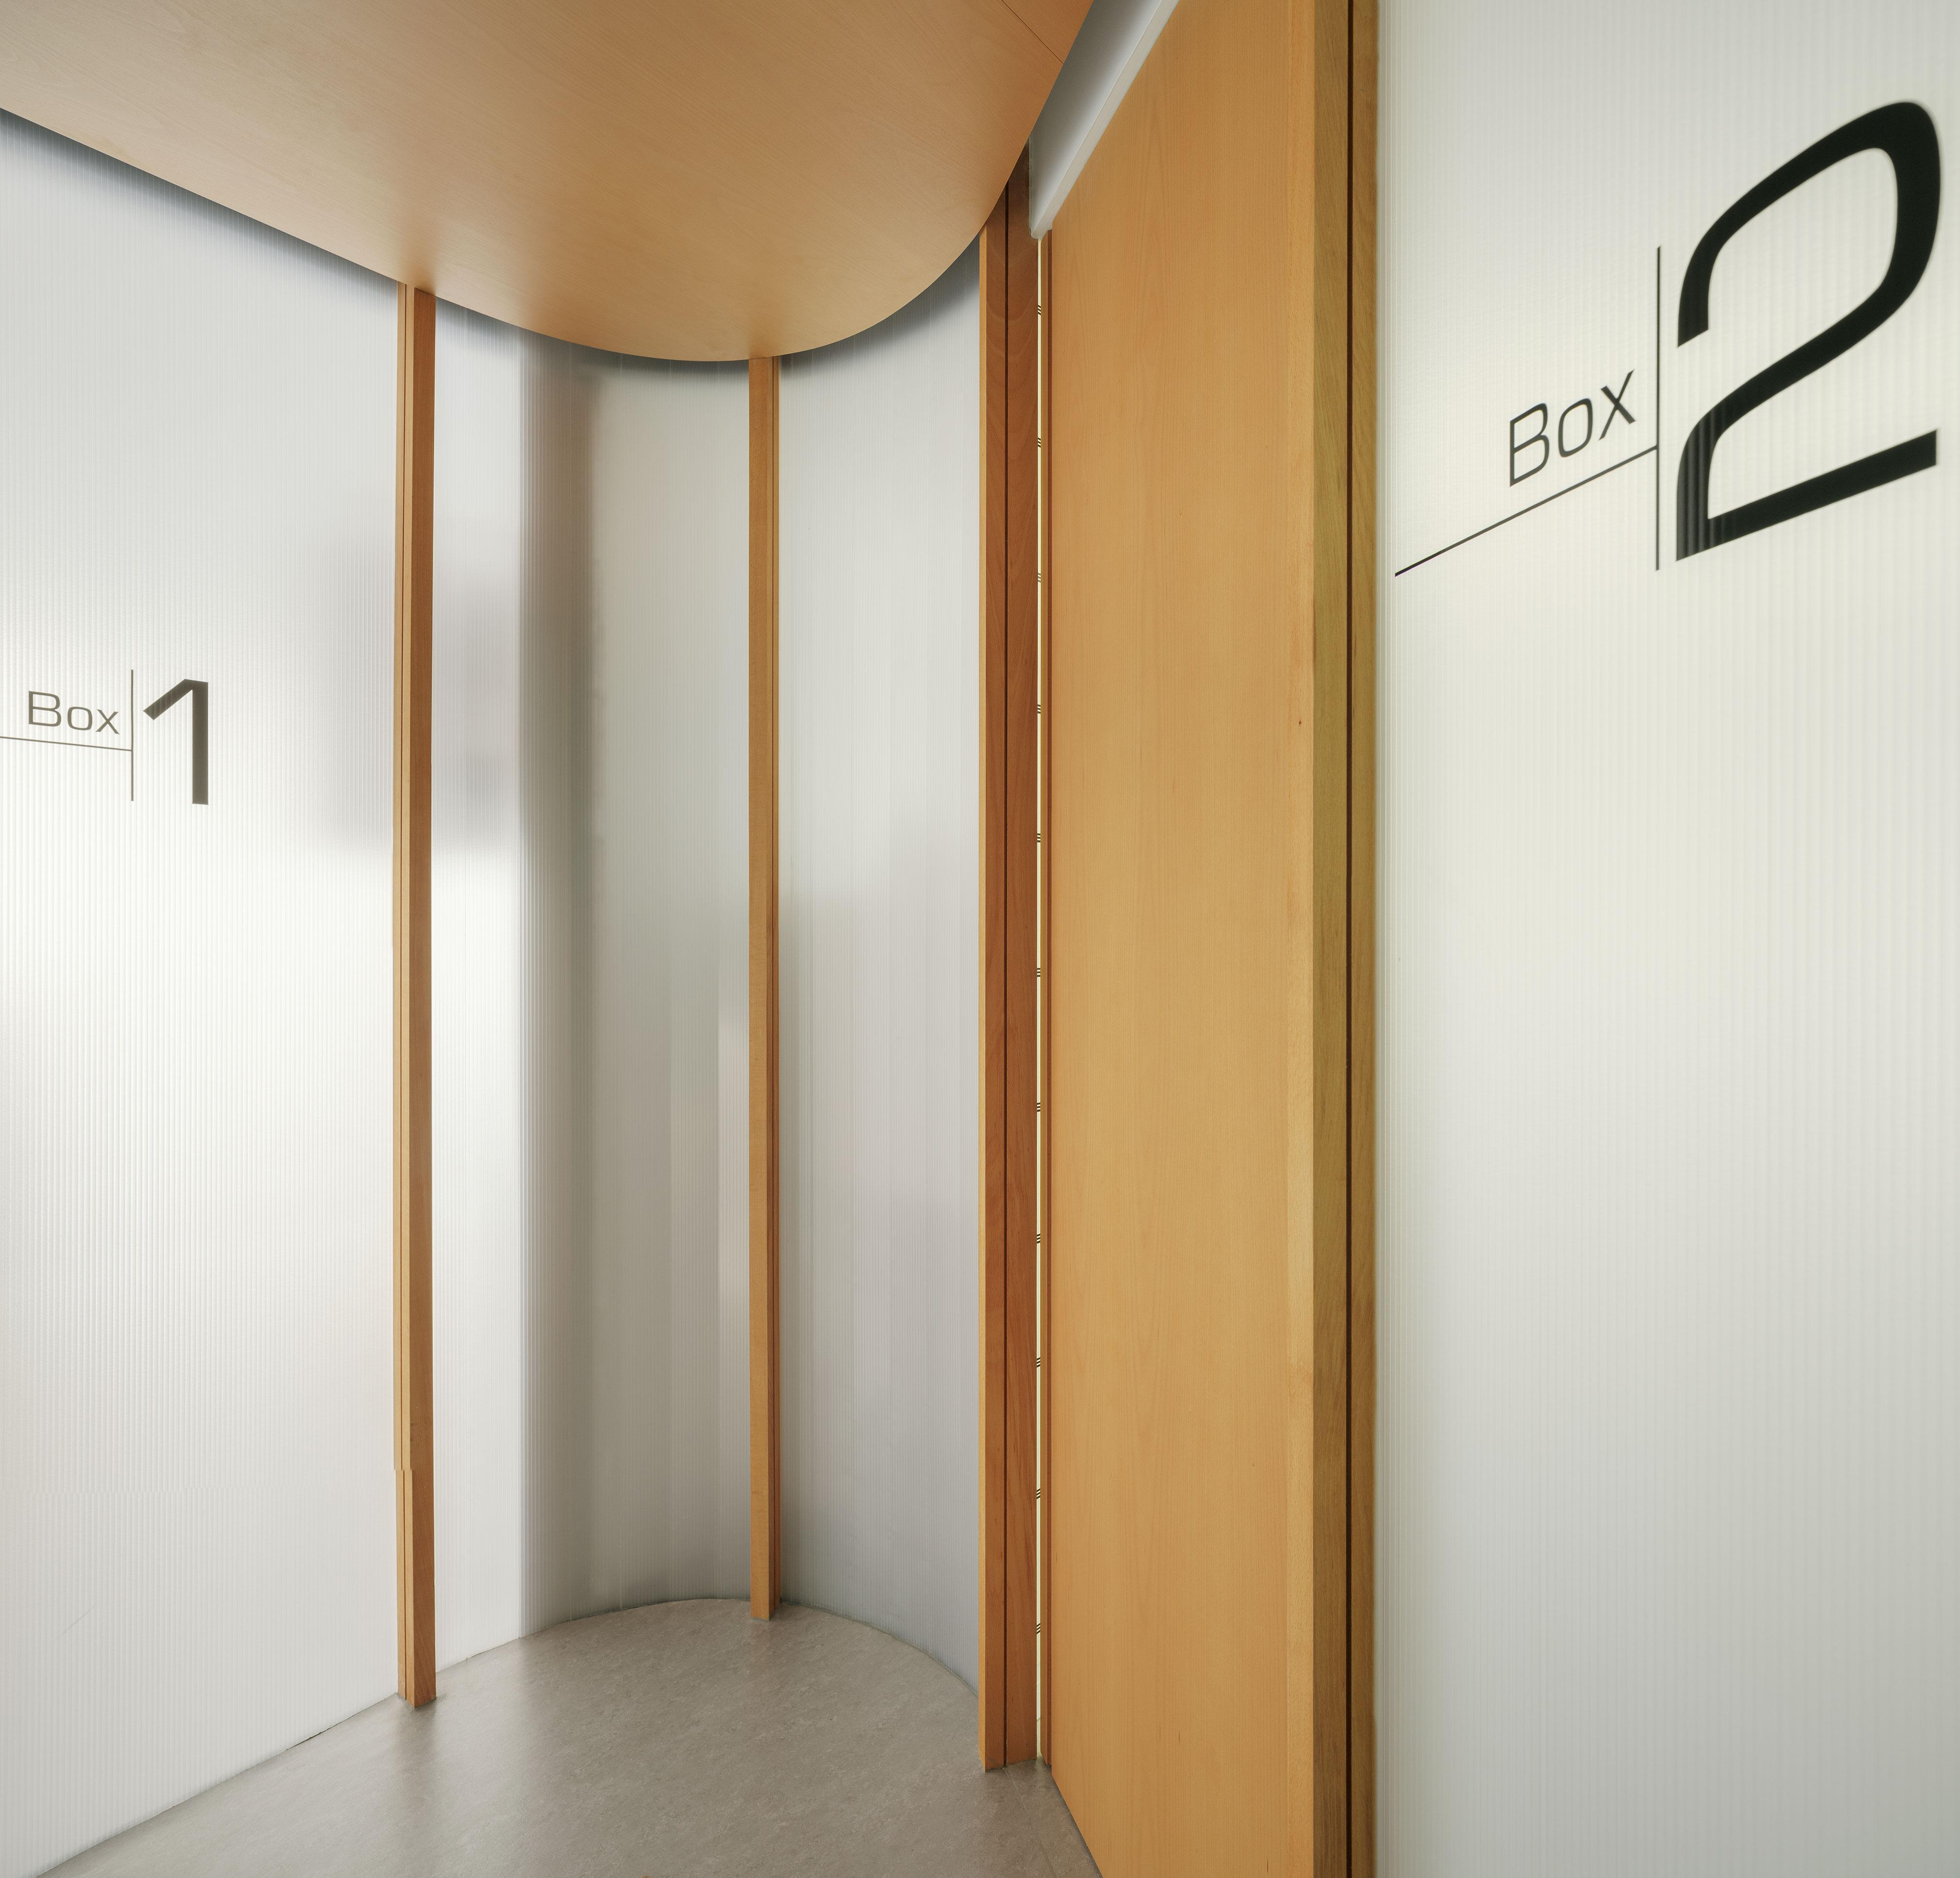 Clinica_Estrems_by_Raum_4142_foto_Luis_Diaz_Diaz_14